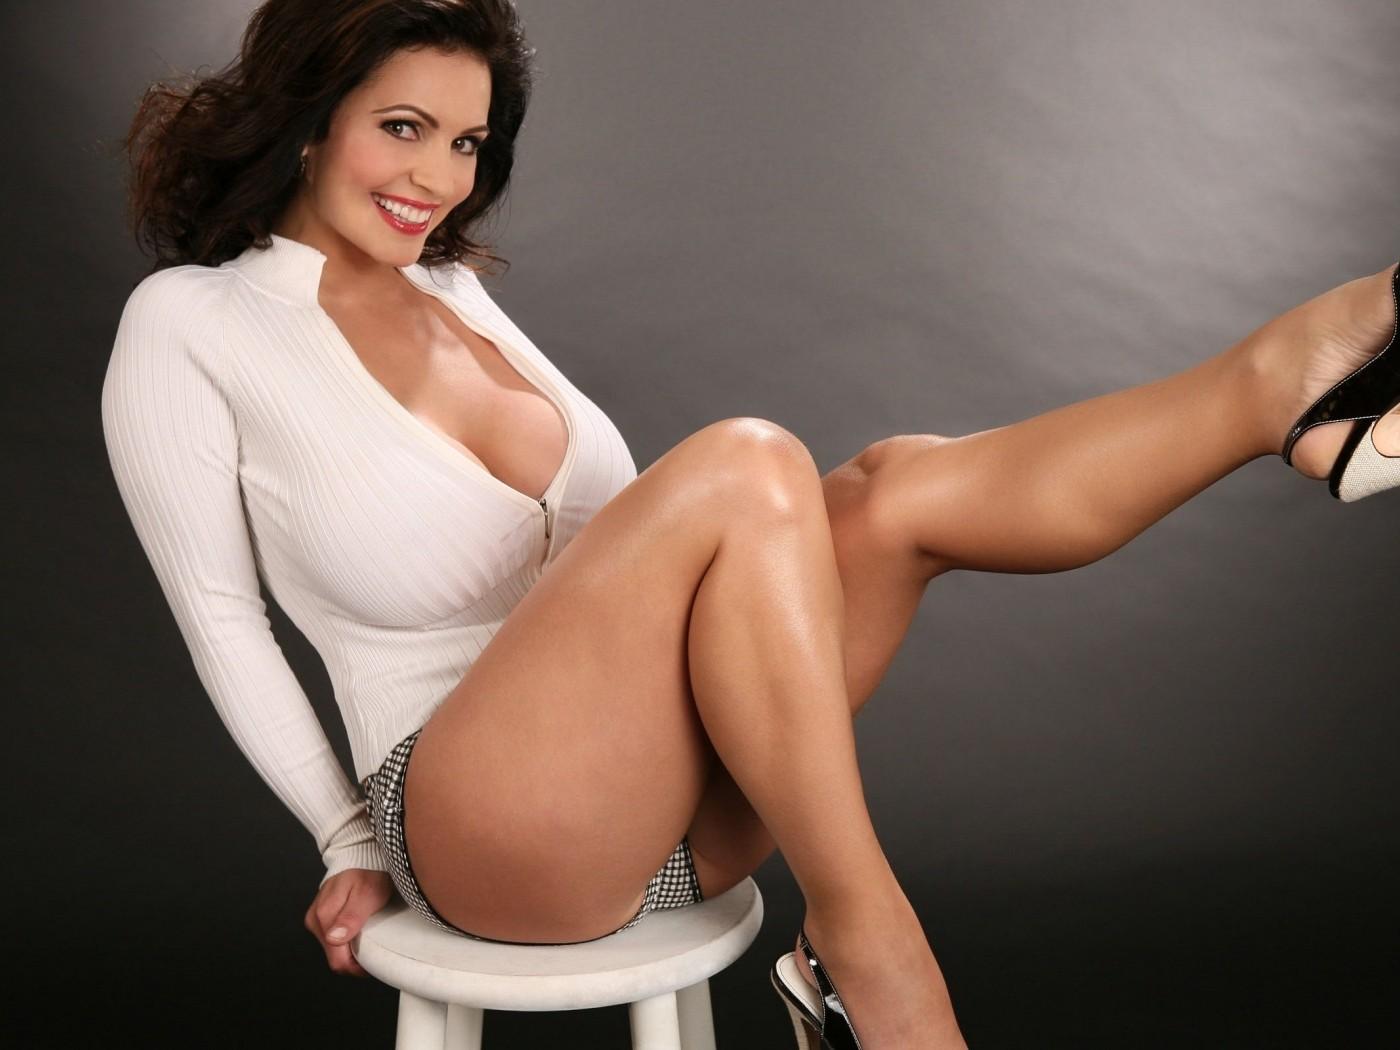 Шикарные зрелые дамы, Порно с красивыми и зрелыми женщинами 8 фотография